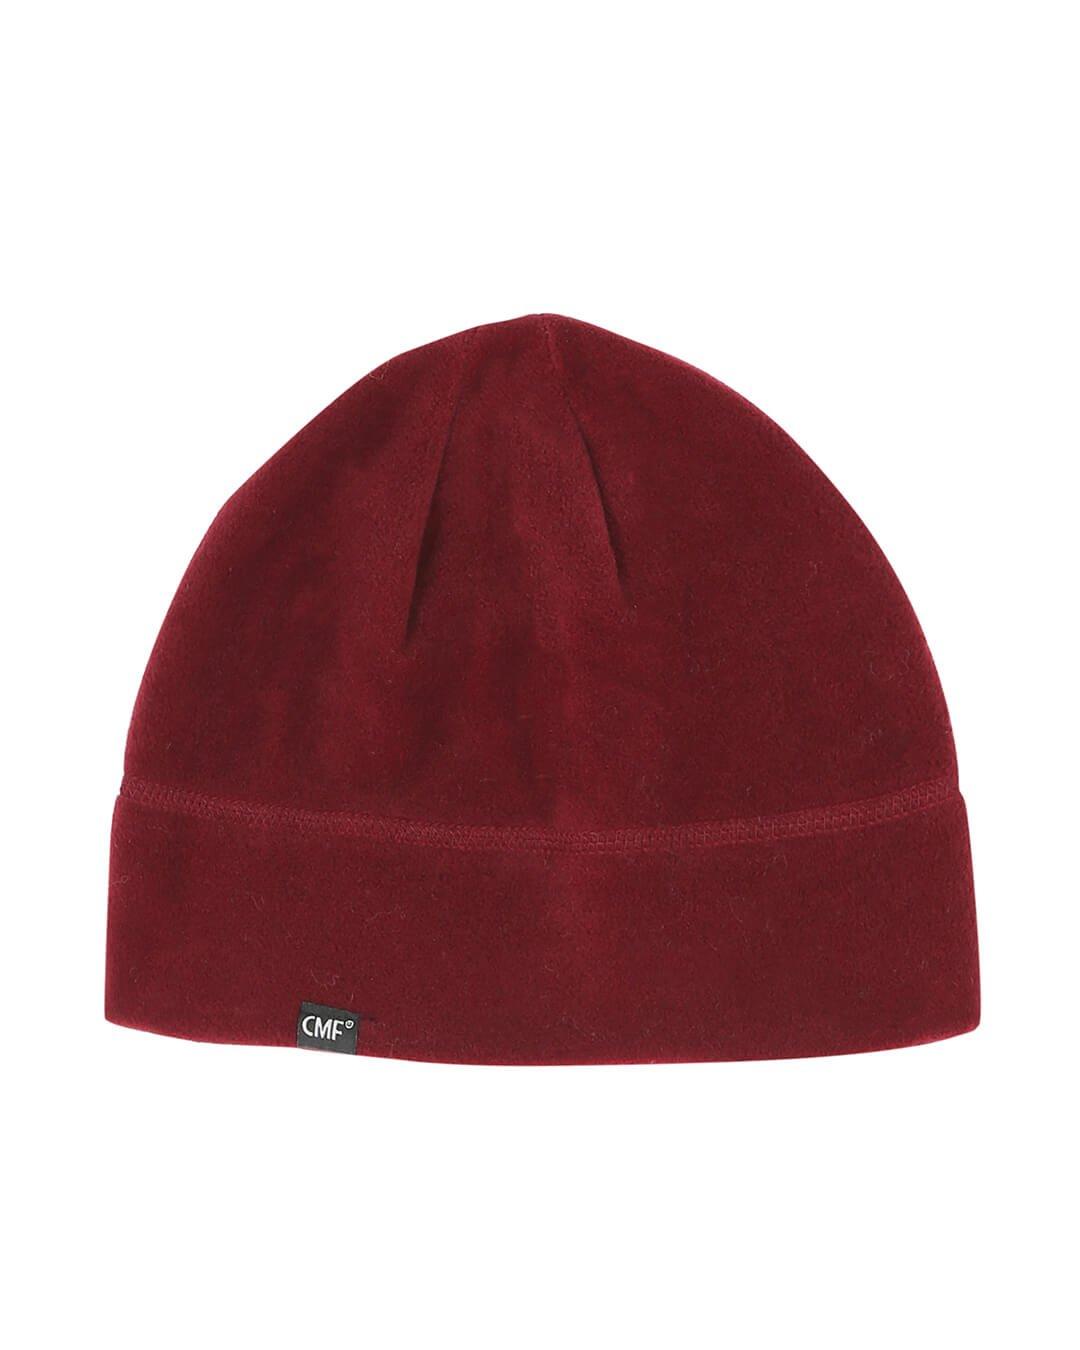 CMFW-18-07 - Kısa Polar Bere - Ürün Kapak Resmi - CMF Şapka